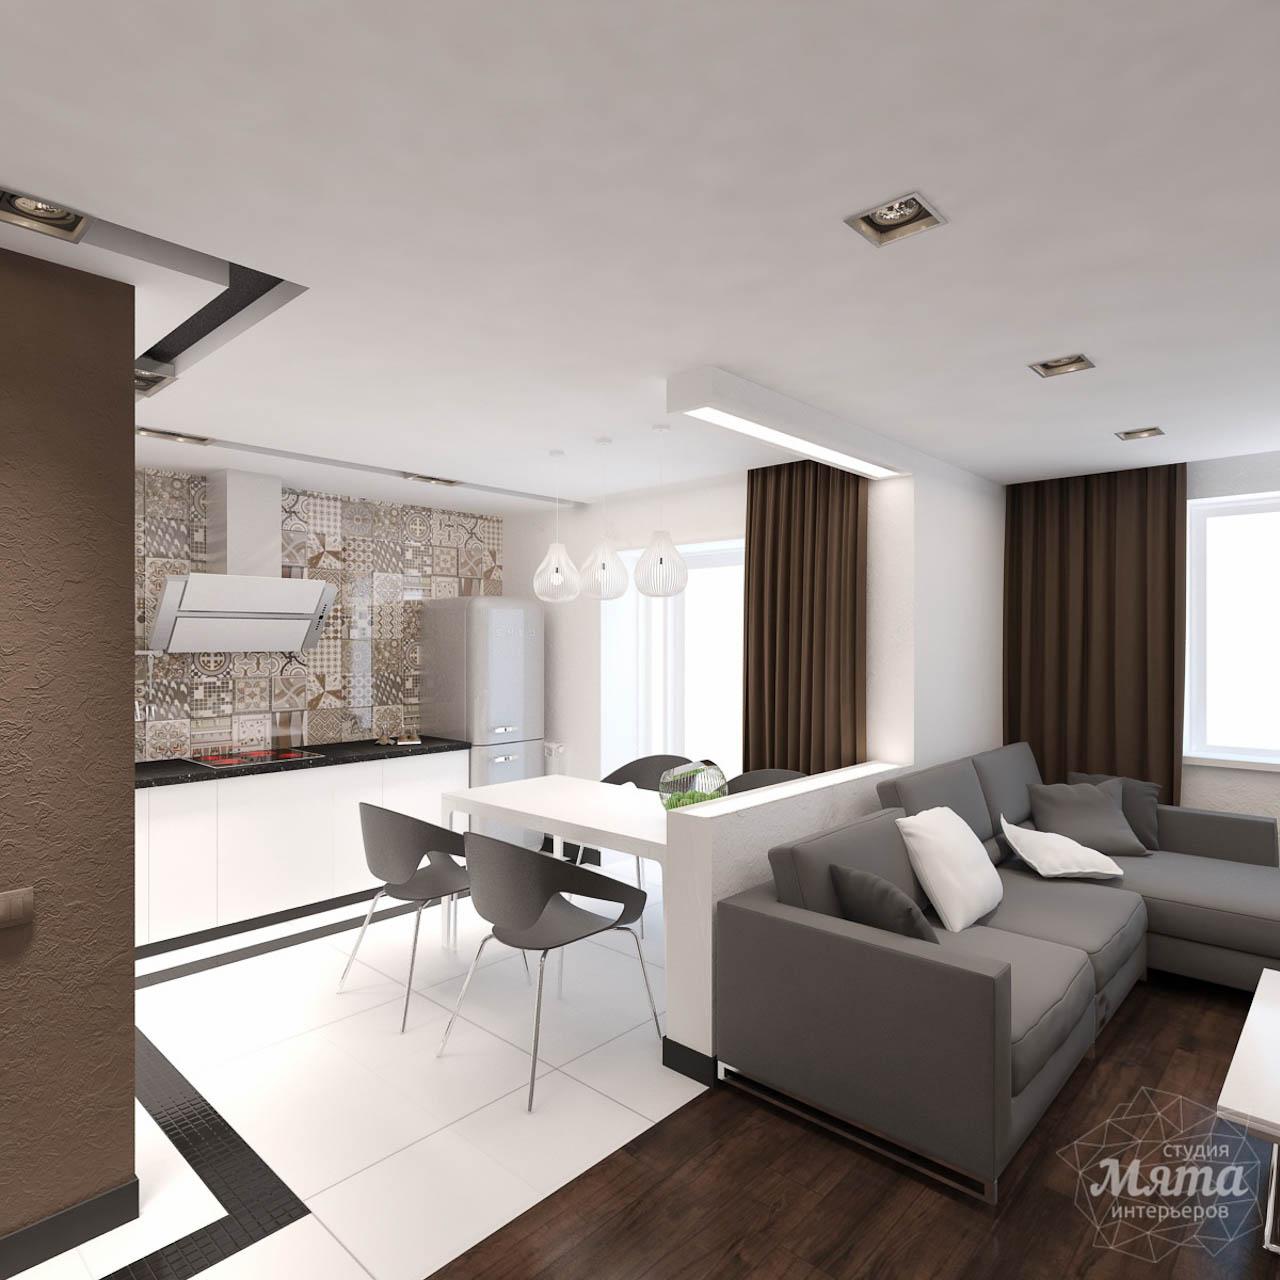 Дизайн интерьера однокомнатной квартиры по ул. Гагарина 27 img36326404